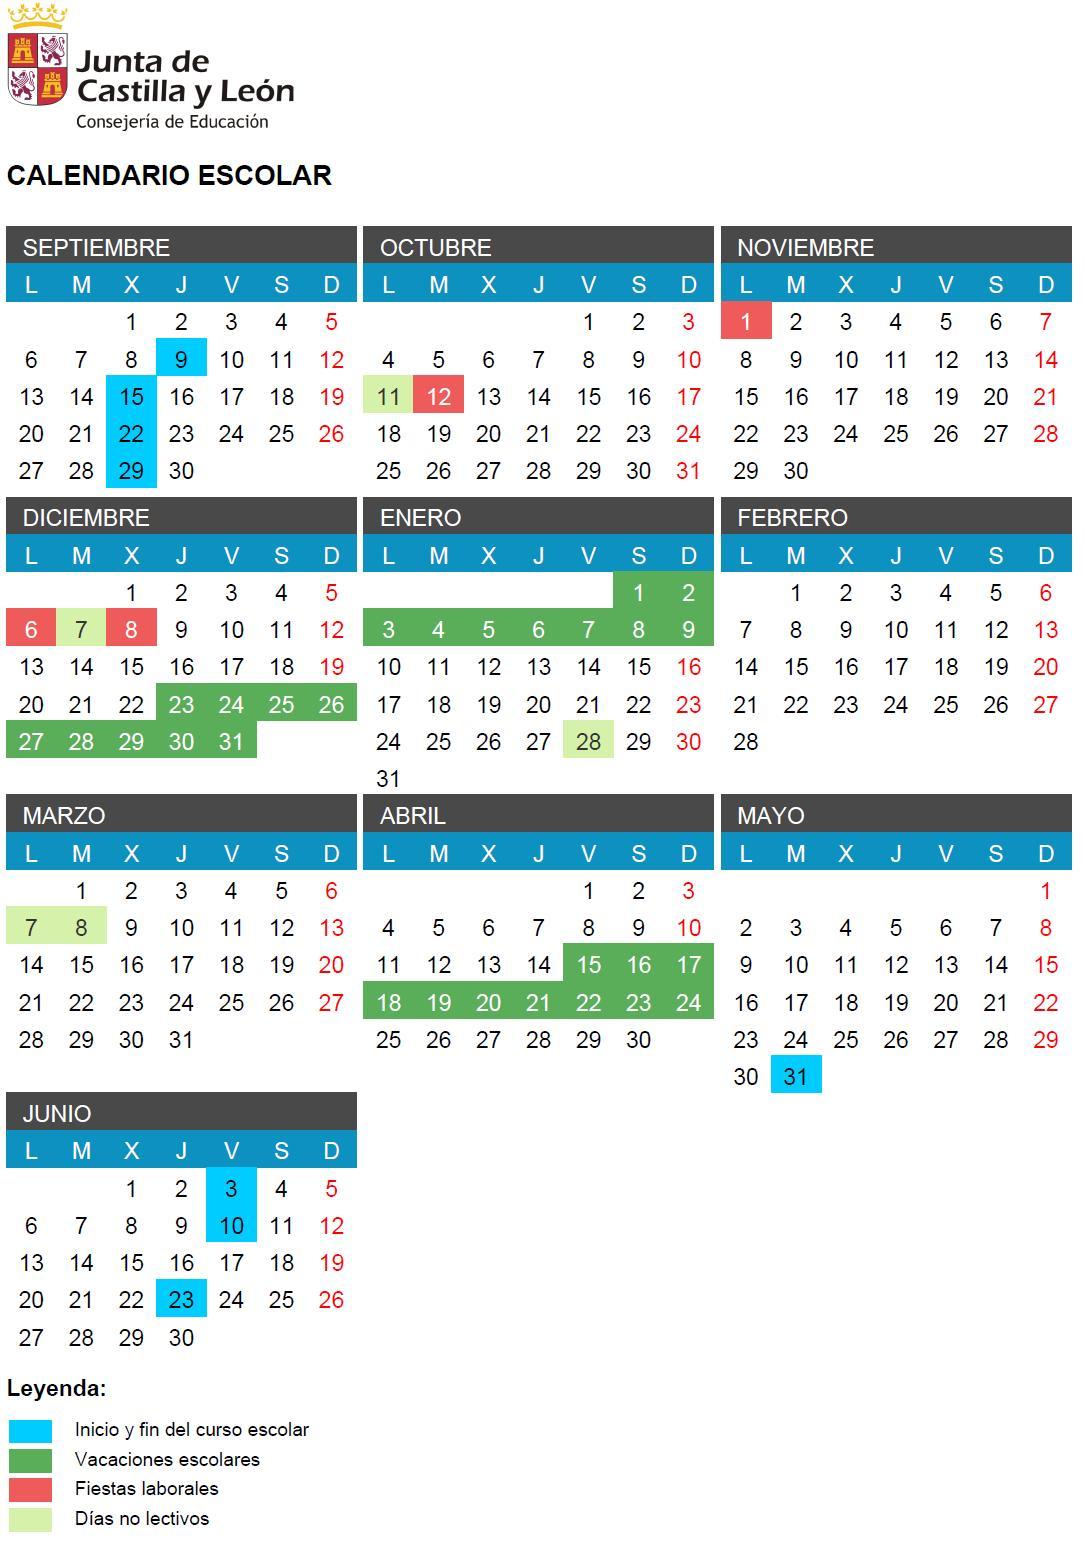 Calendario Educacyl.Dialogos Del Duero El Calendario Escolar I De Iii